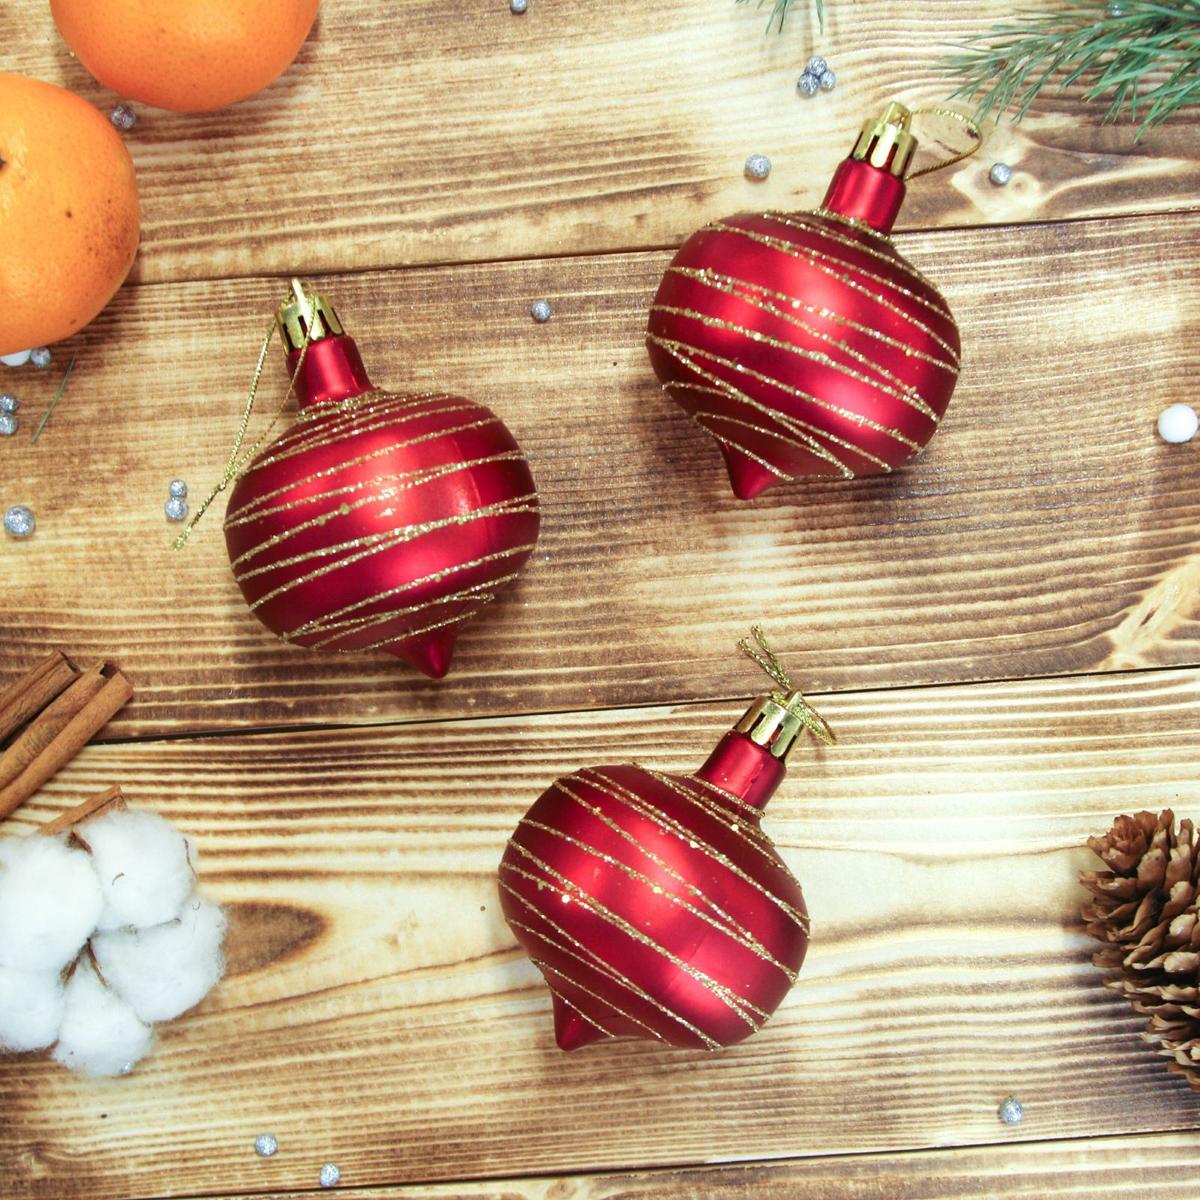 Украшение новогоднее елочное Sima-land Юла, 6 см, 6 см2372188Невозможно представить нашу жизнь без праздников! Мы всегда ждём их и предвкушаем, обдумываем, как проведём памятный день, тщательно выбираем подарки и аксессуары, ведь именно они создают и поддерживают торжественный настрой.